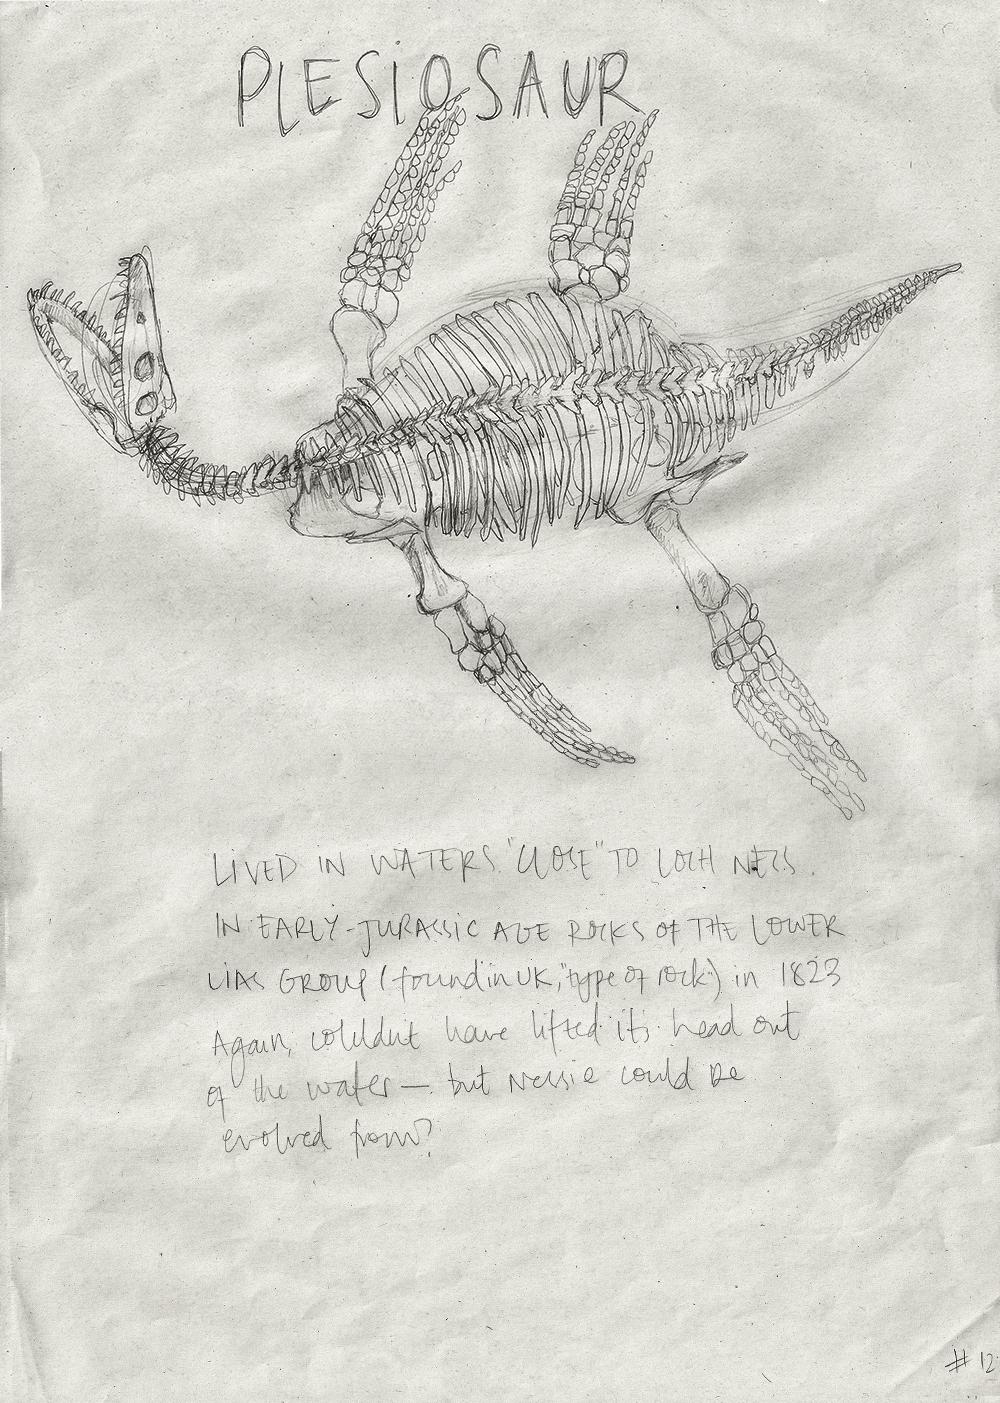 012-Plesiosaur.jpg